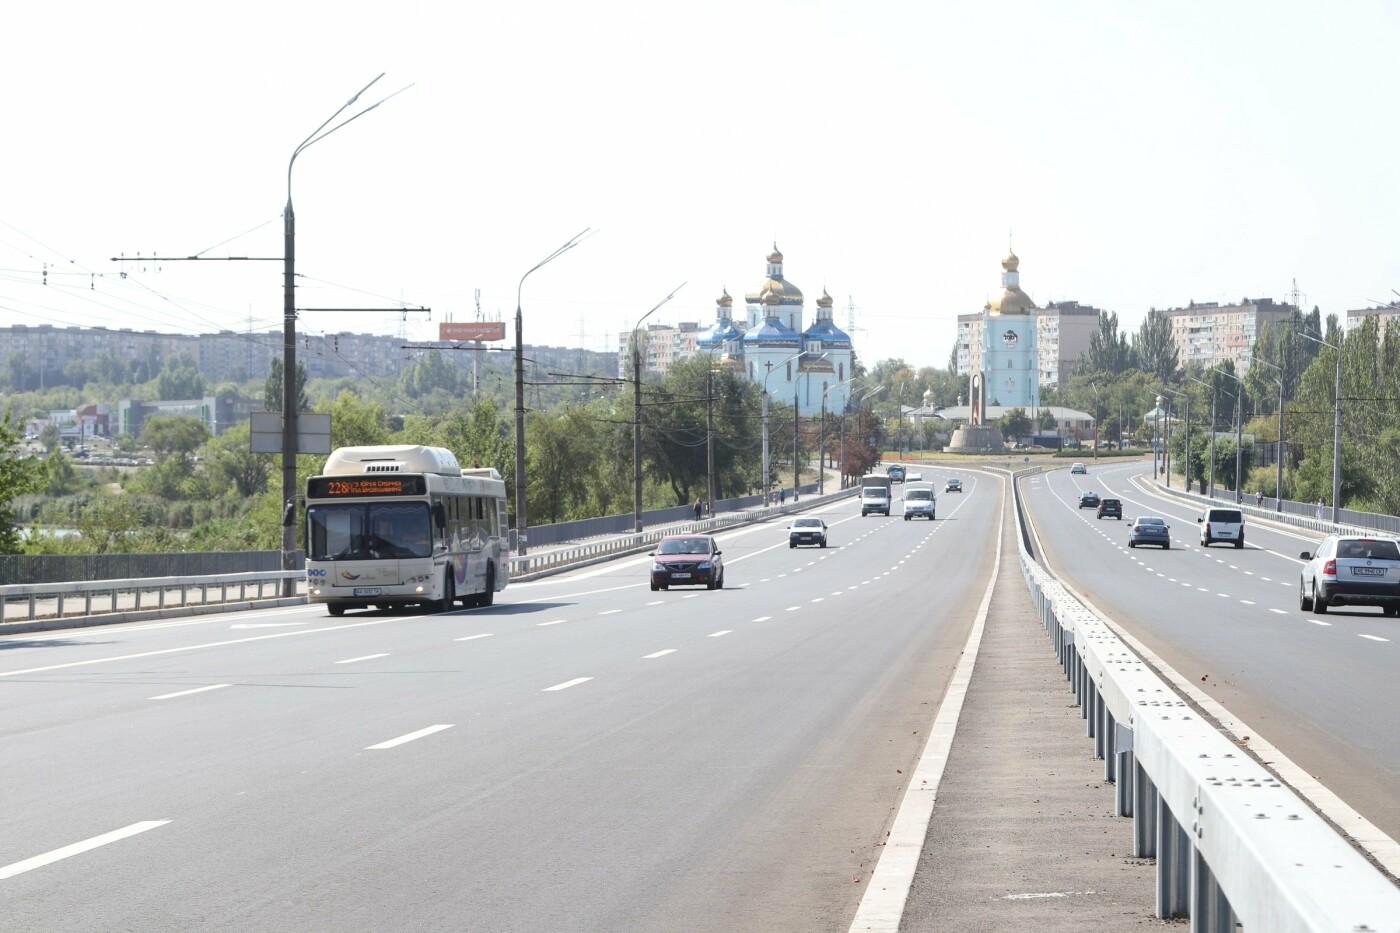 Юрій Вілкул: Продовжуємо розвиток інфраструктури Кривого Рогу - завершили два великих дорожніх проєкти з капремонту по проспекту 200-річчя..., фото-9